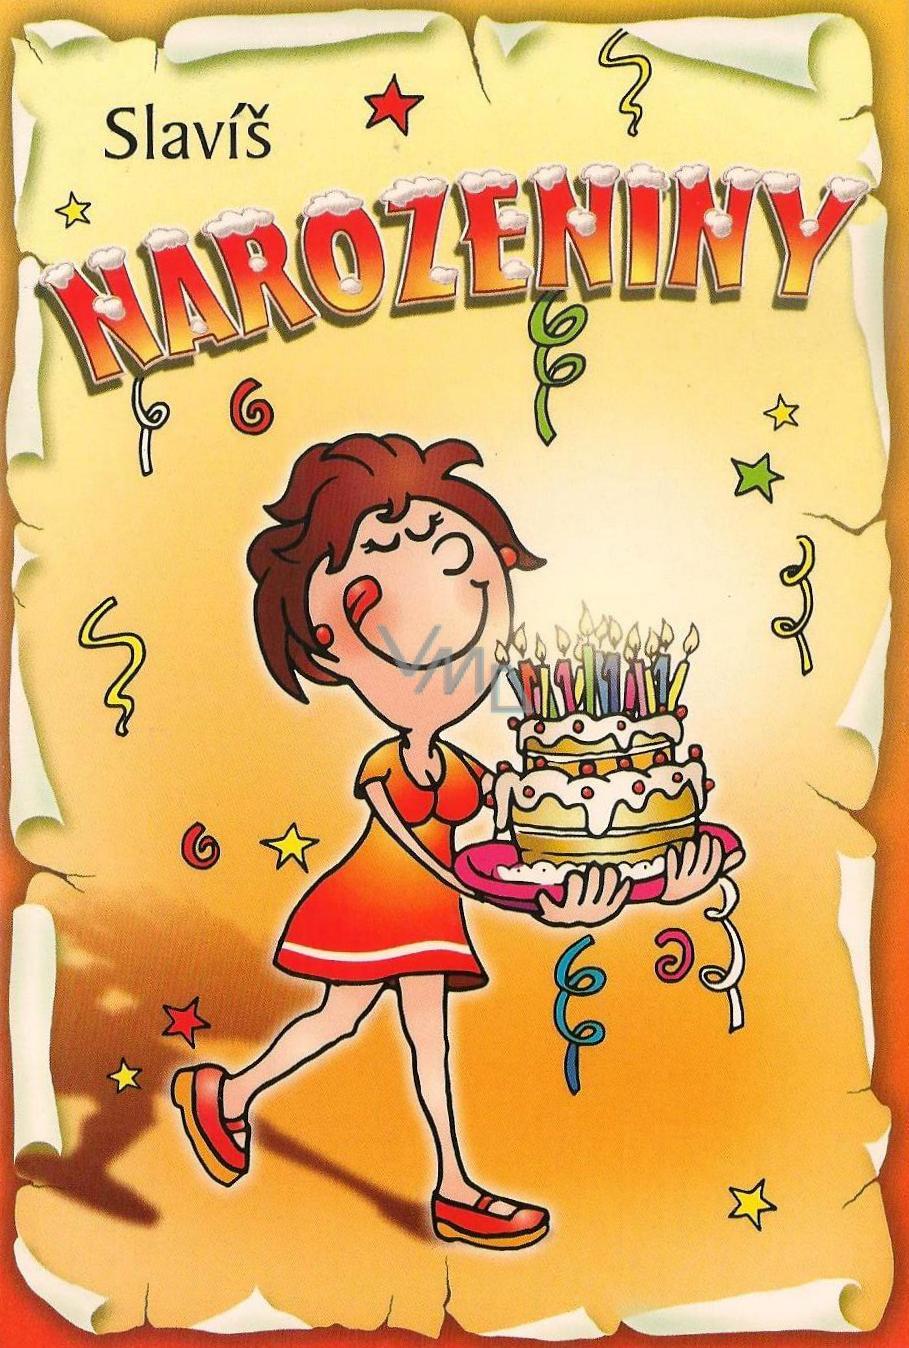 přání k narozeninám narozeniny Nekupto Přání k narozeninám Slavíš narozeniny G 31 3230   VMD  přání k narozeninám narozeniny